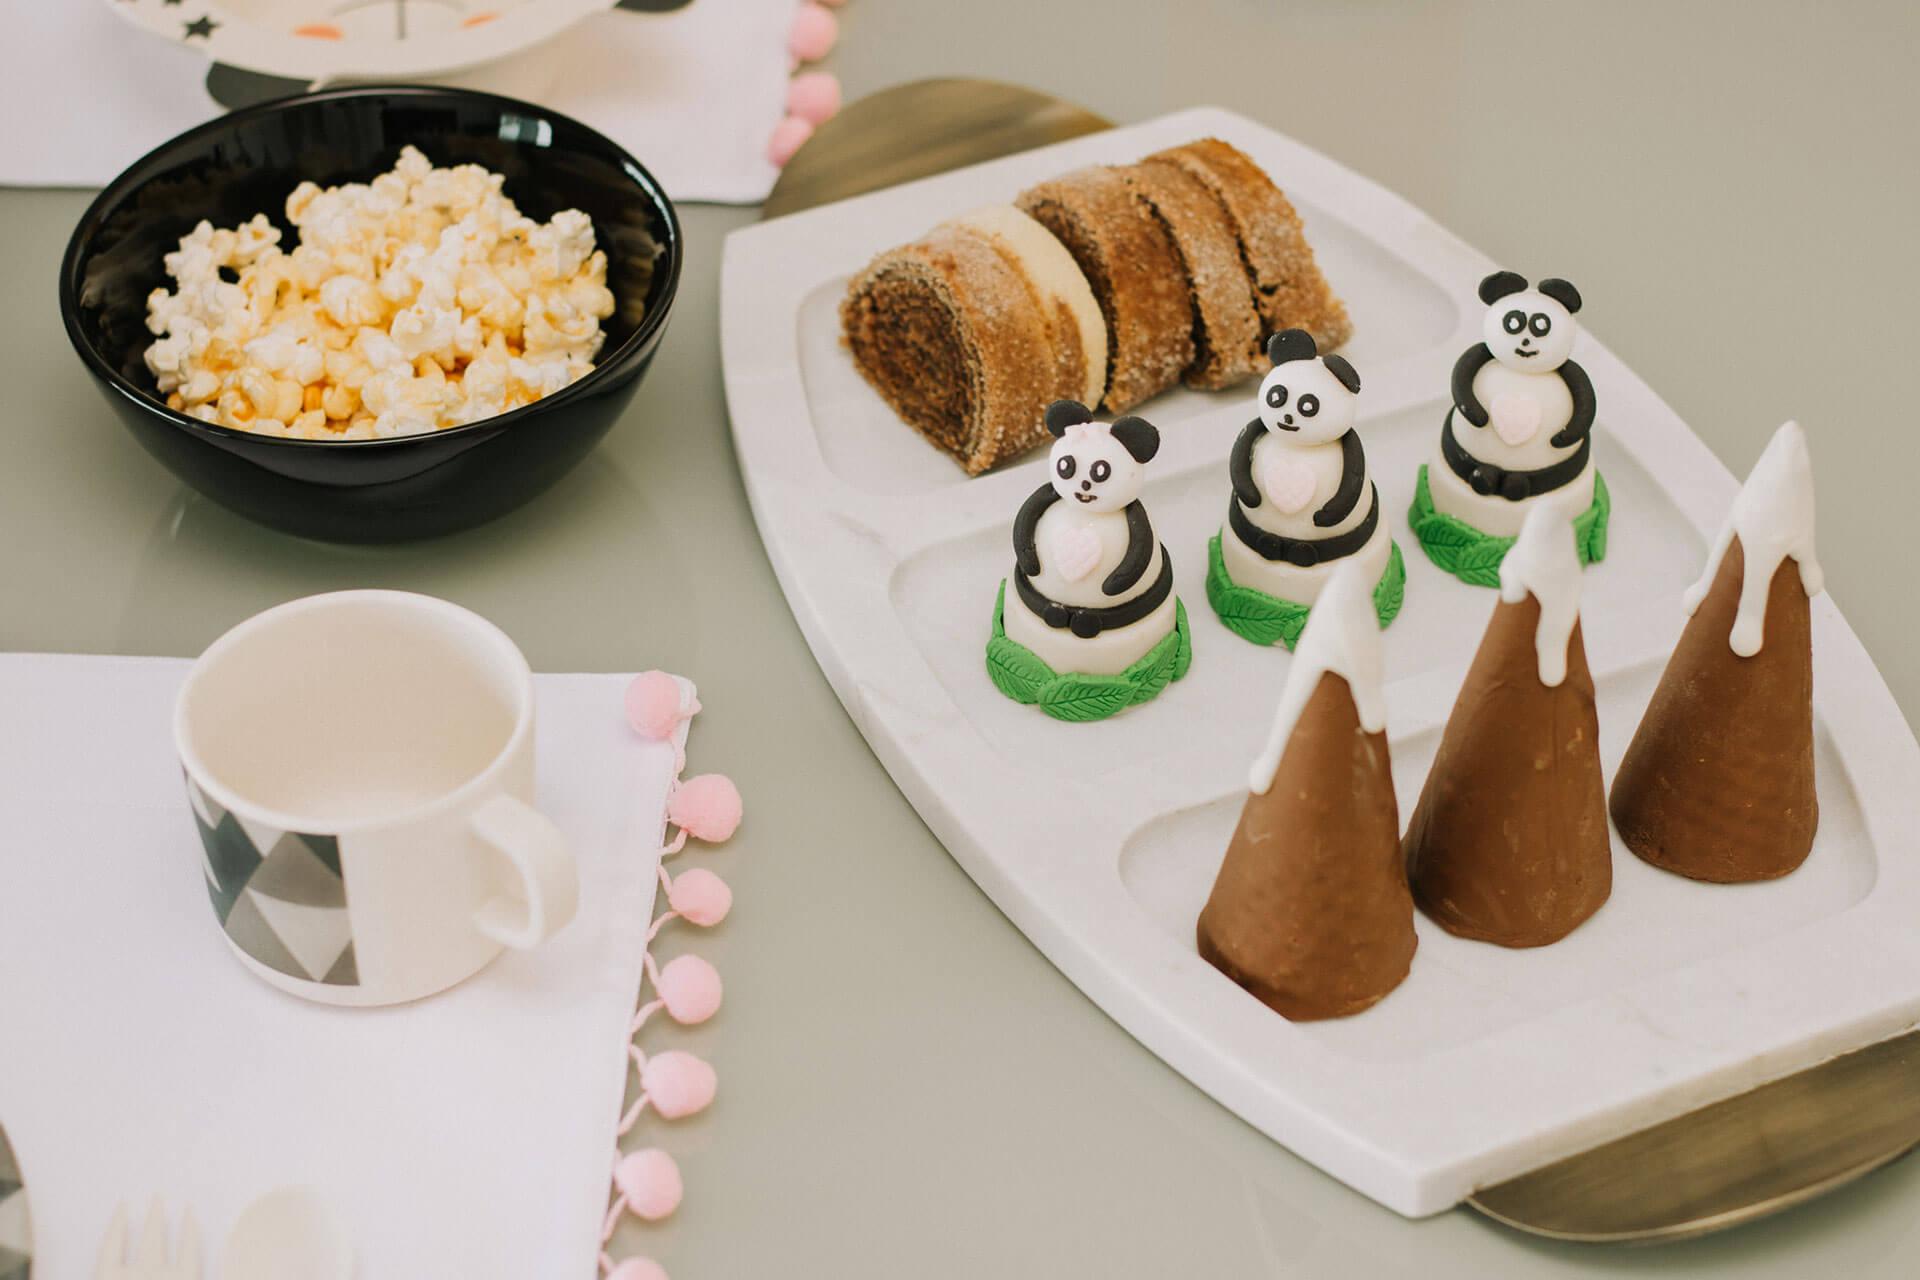 Imagem: Os doces ficaram um charme na petisqueira de mármore com 3 divisórias também da Oxford. Doces com moderação para a criançada! Foto: Amanda Melo/Blog Between Tea and Coffee.